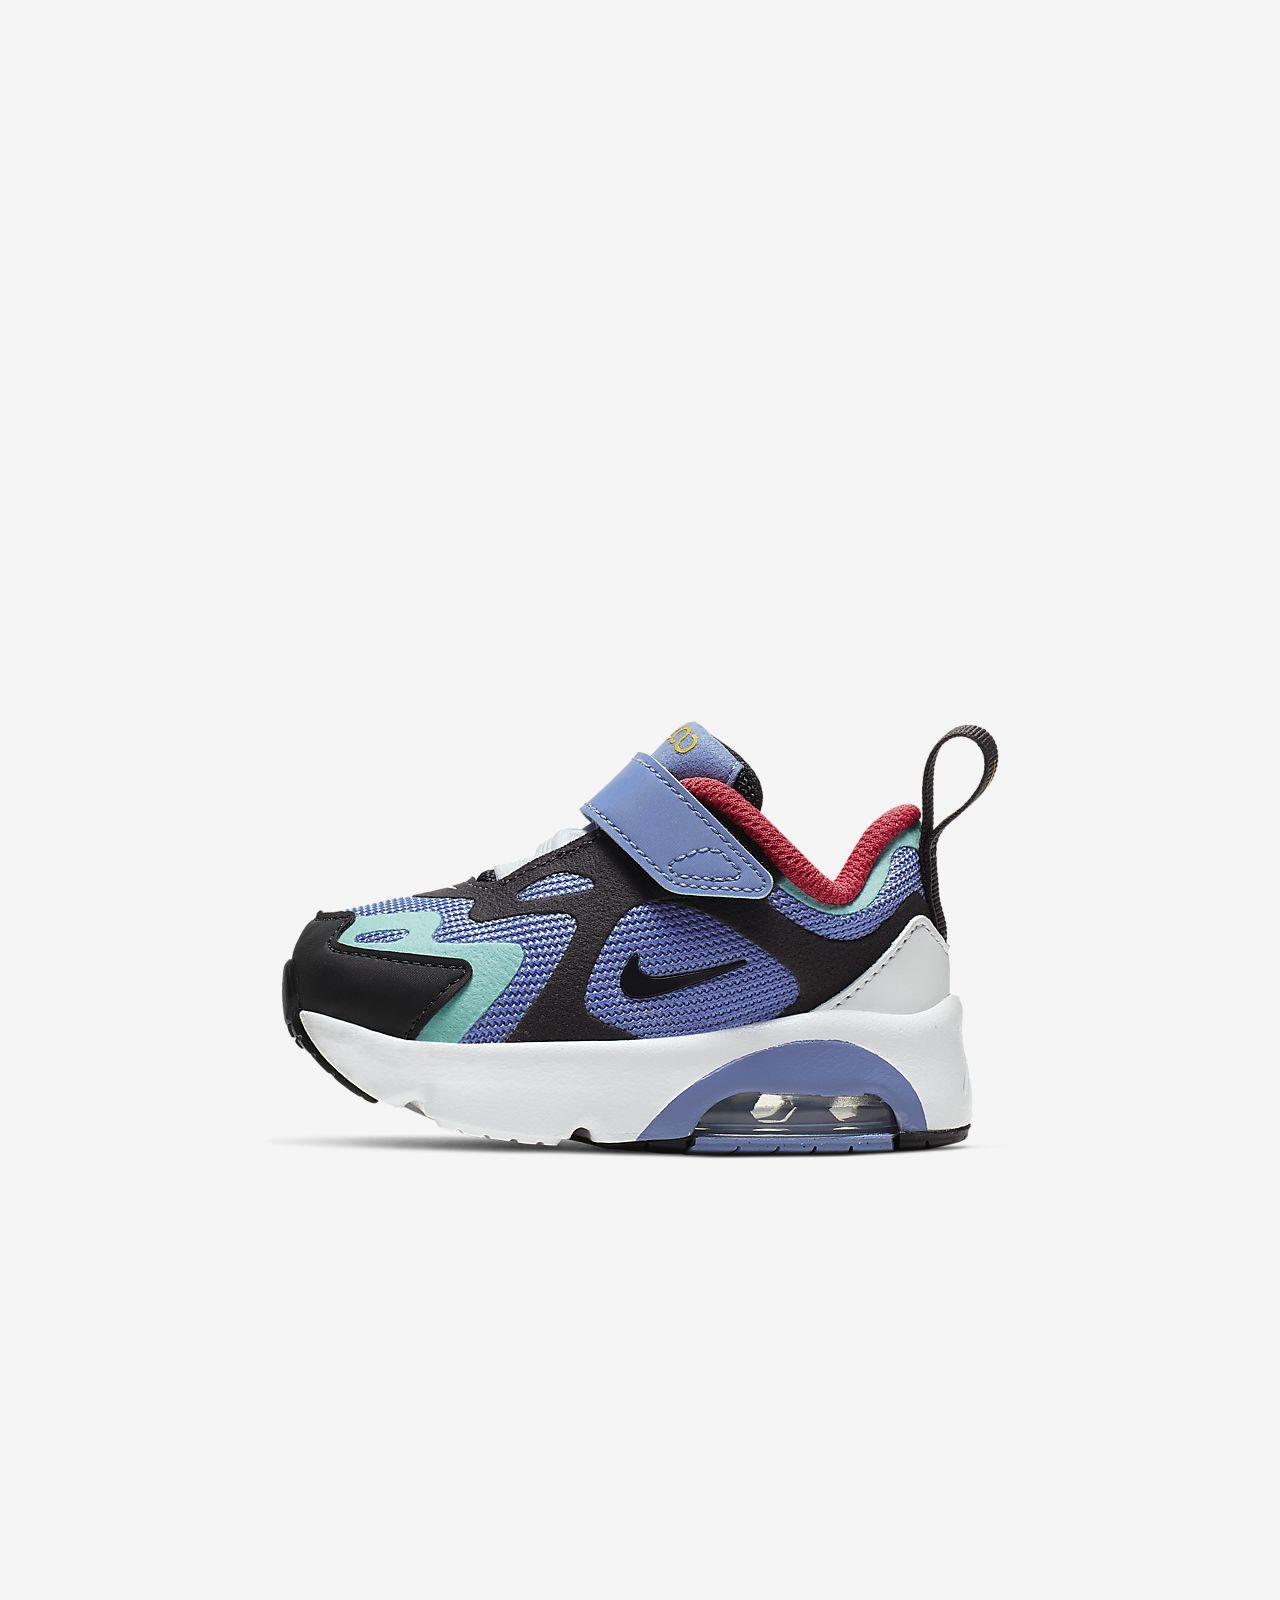 Sko Nike Air Max 200 för baby/små barn